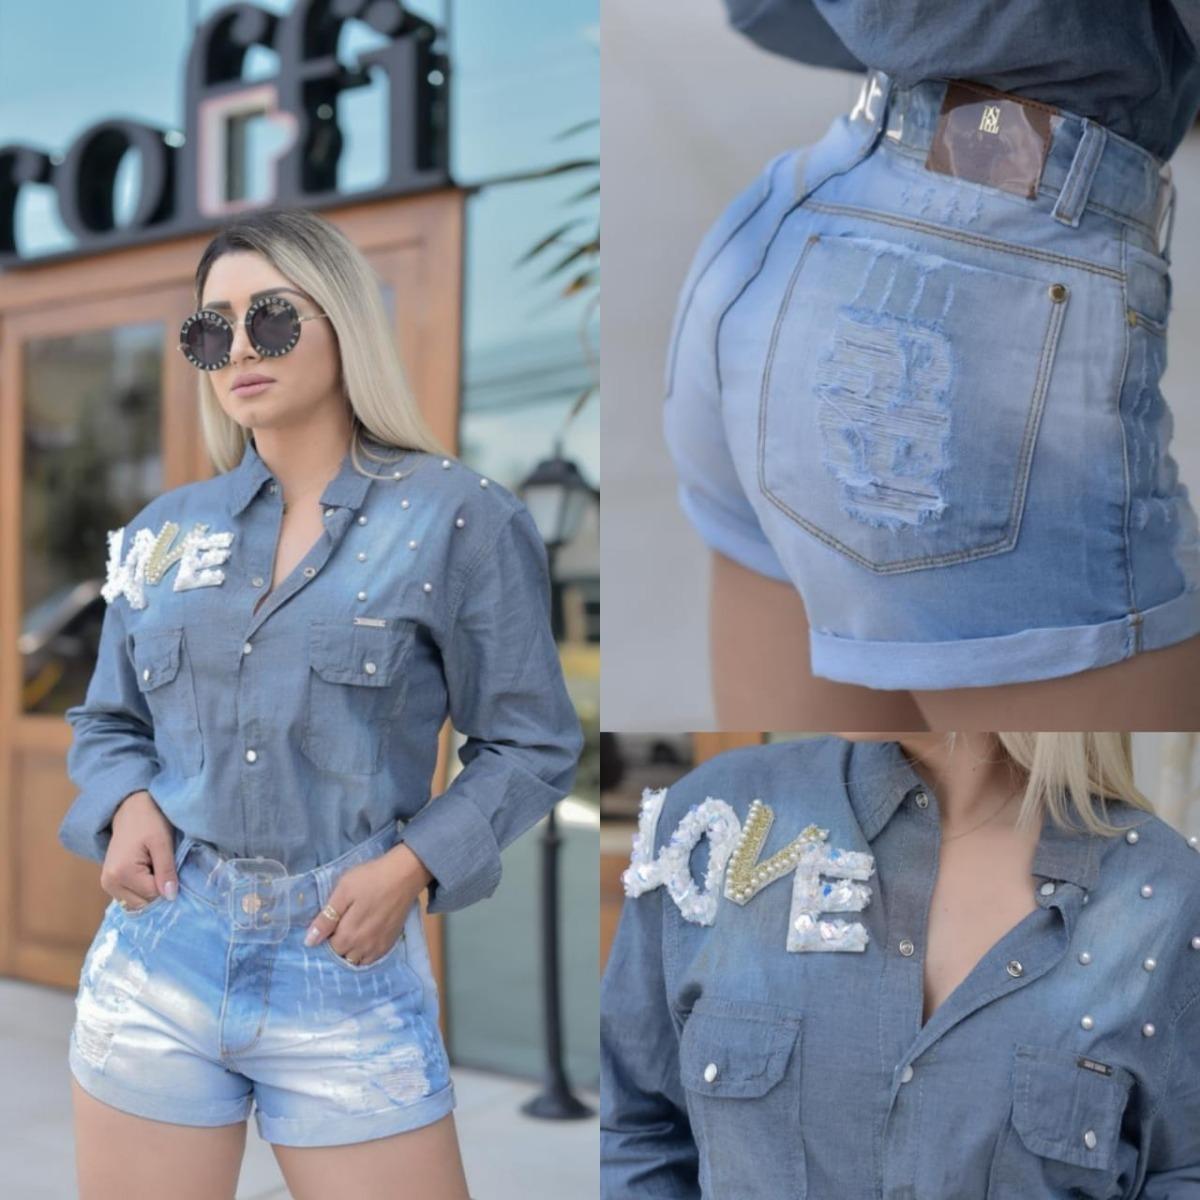 036e0574a9 Blusa Camisa Feminina Jeans Manga Longa Pedras Bordada - R  169